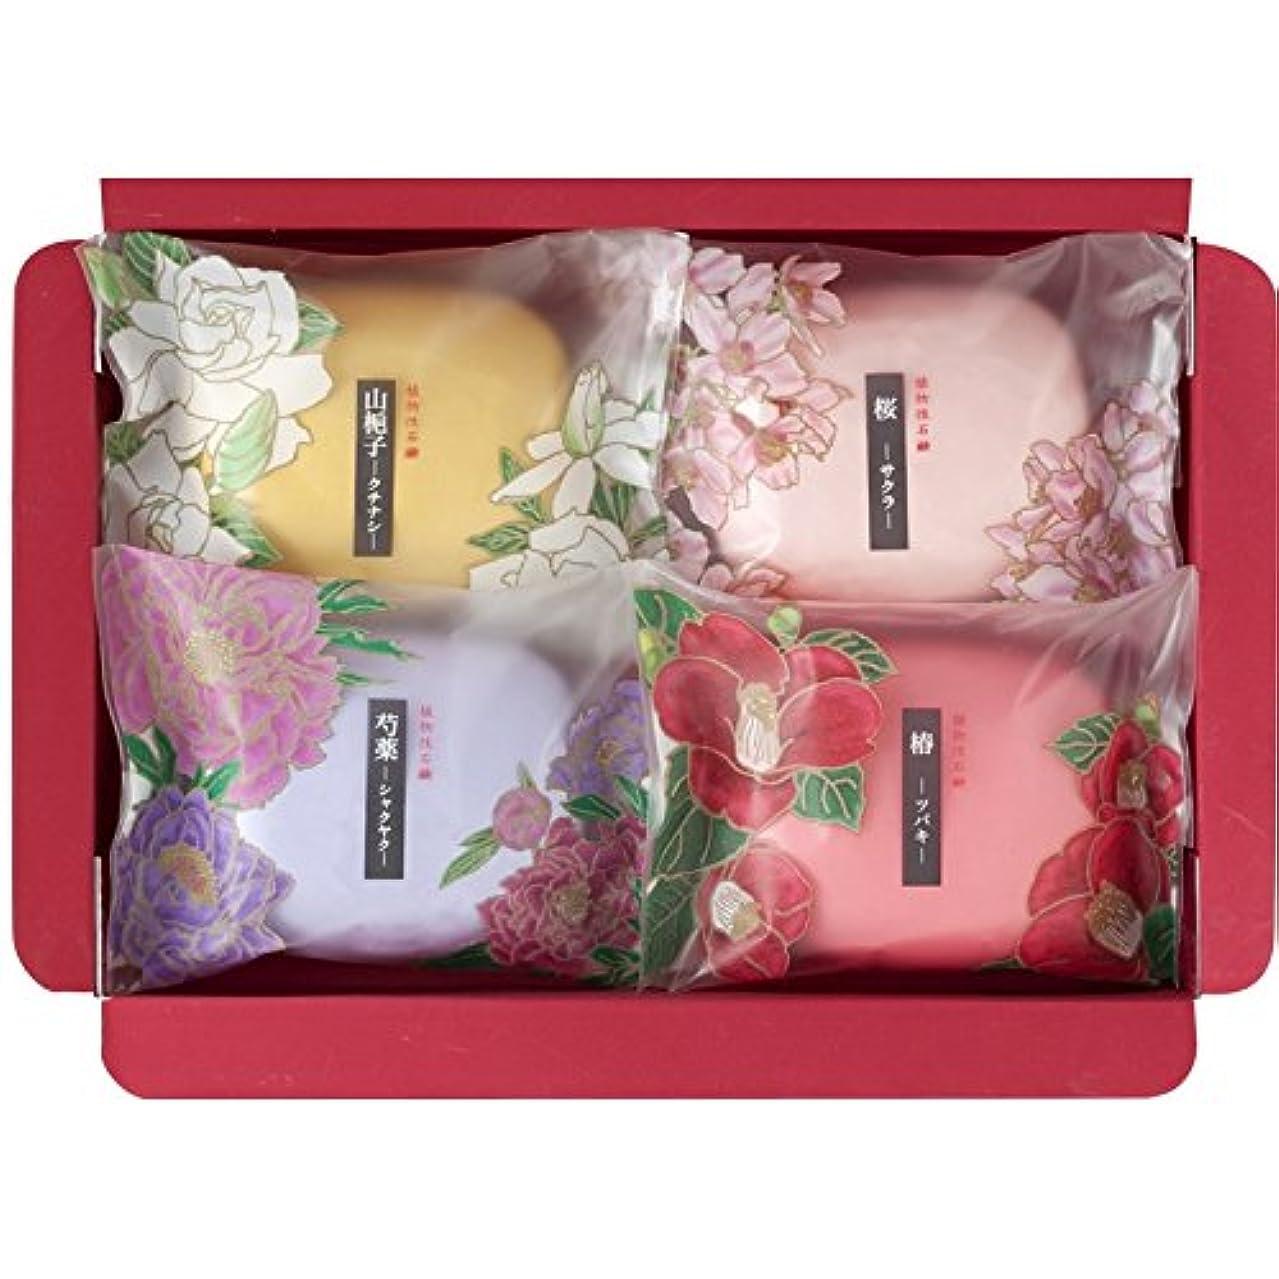 宿題をするピースれる彩花だより 【固形 ギフト せっけん あわ いい香り いい匂い うるおい プレゼント お風呂 かおり からだ きれい つめあわせ 日本製 国産 500】